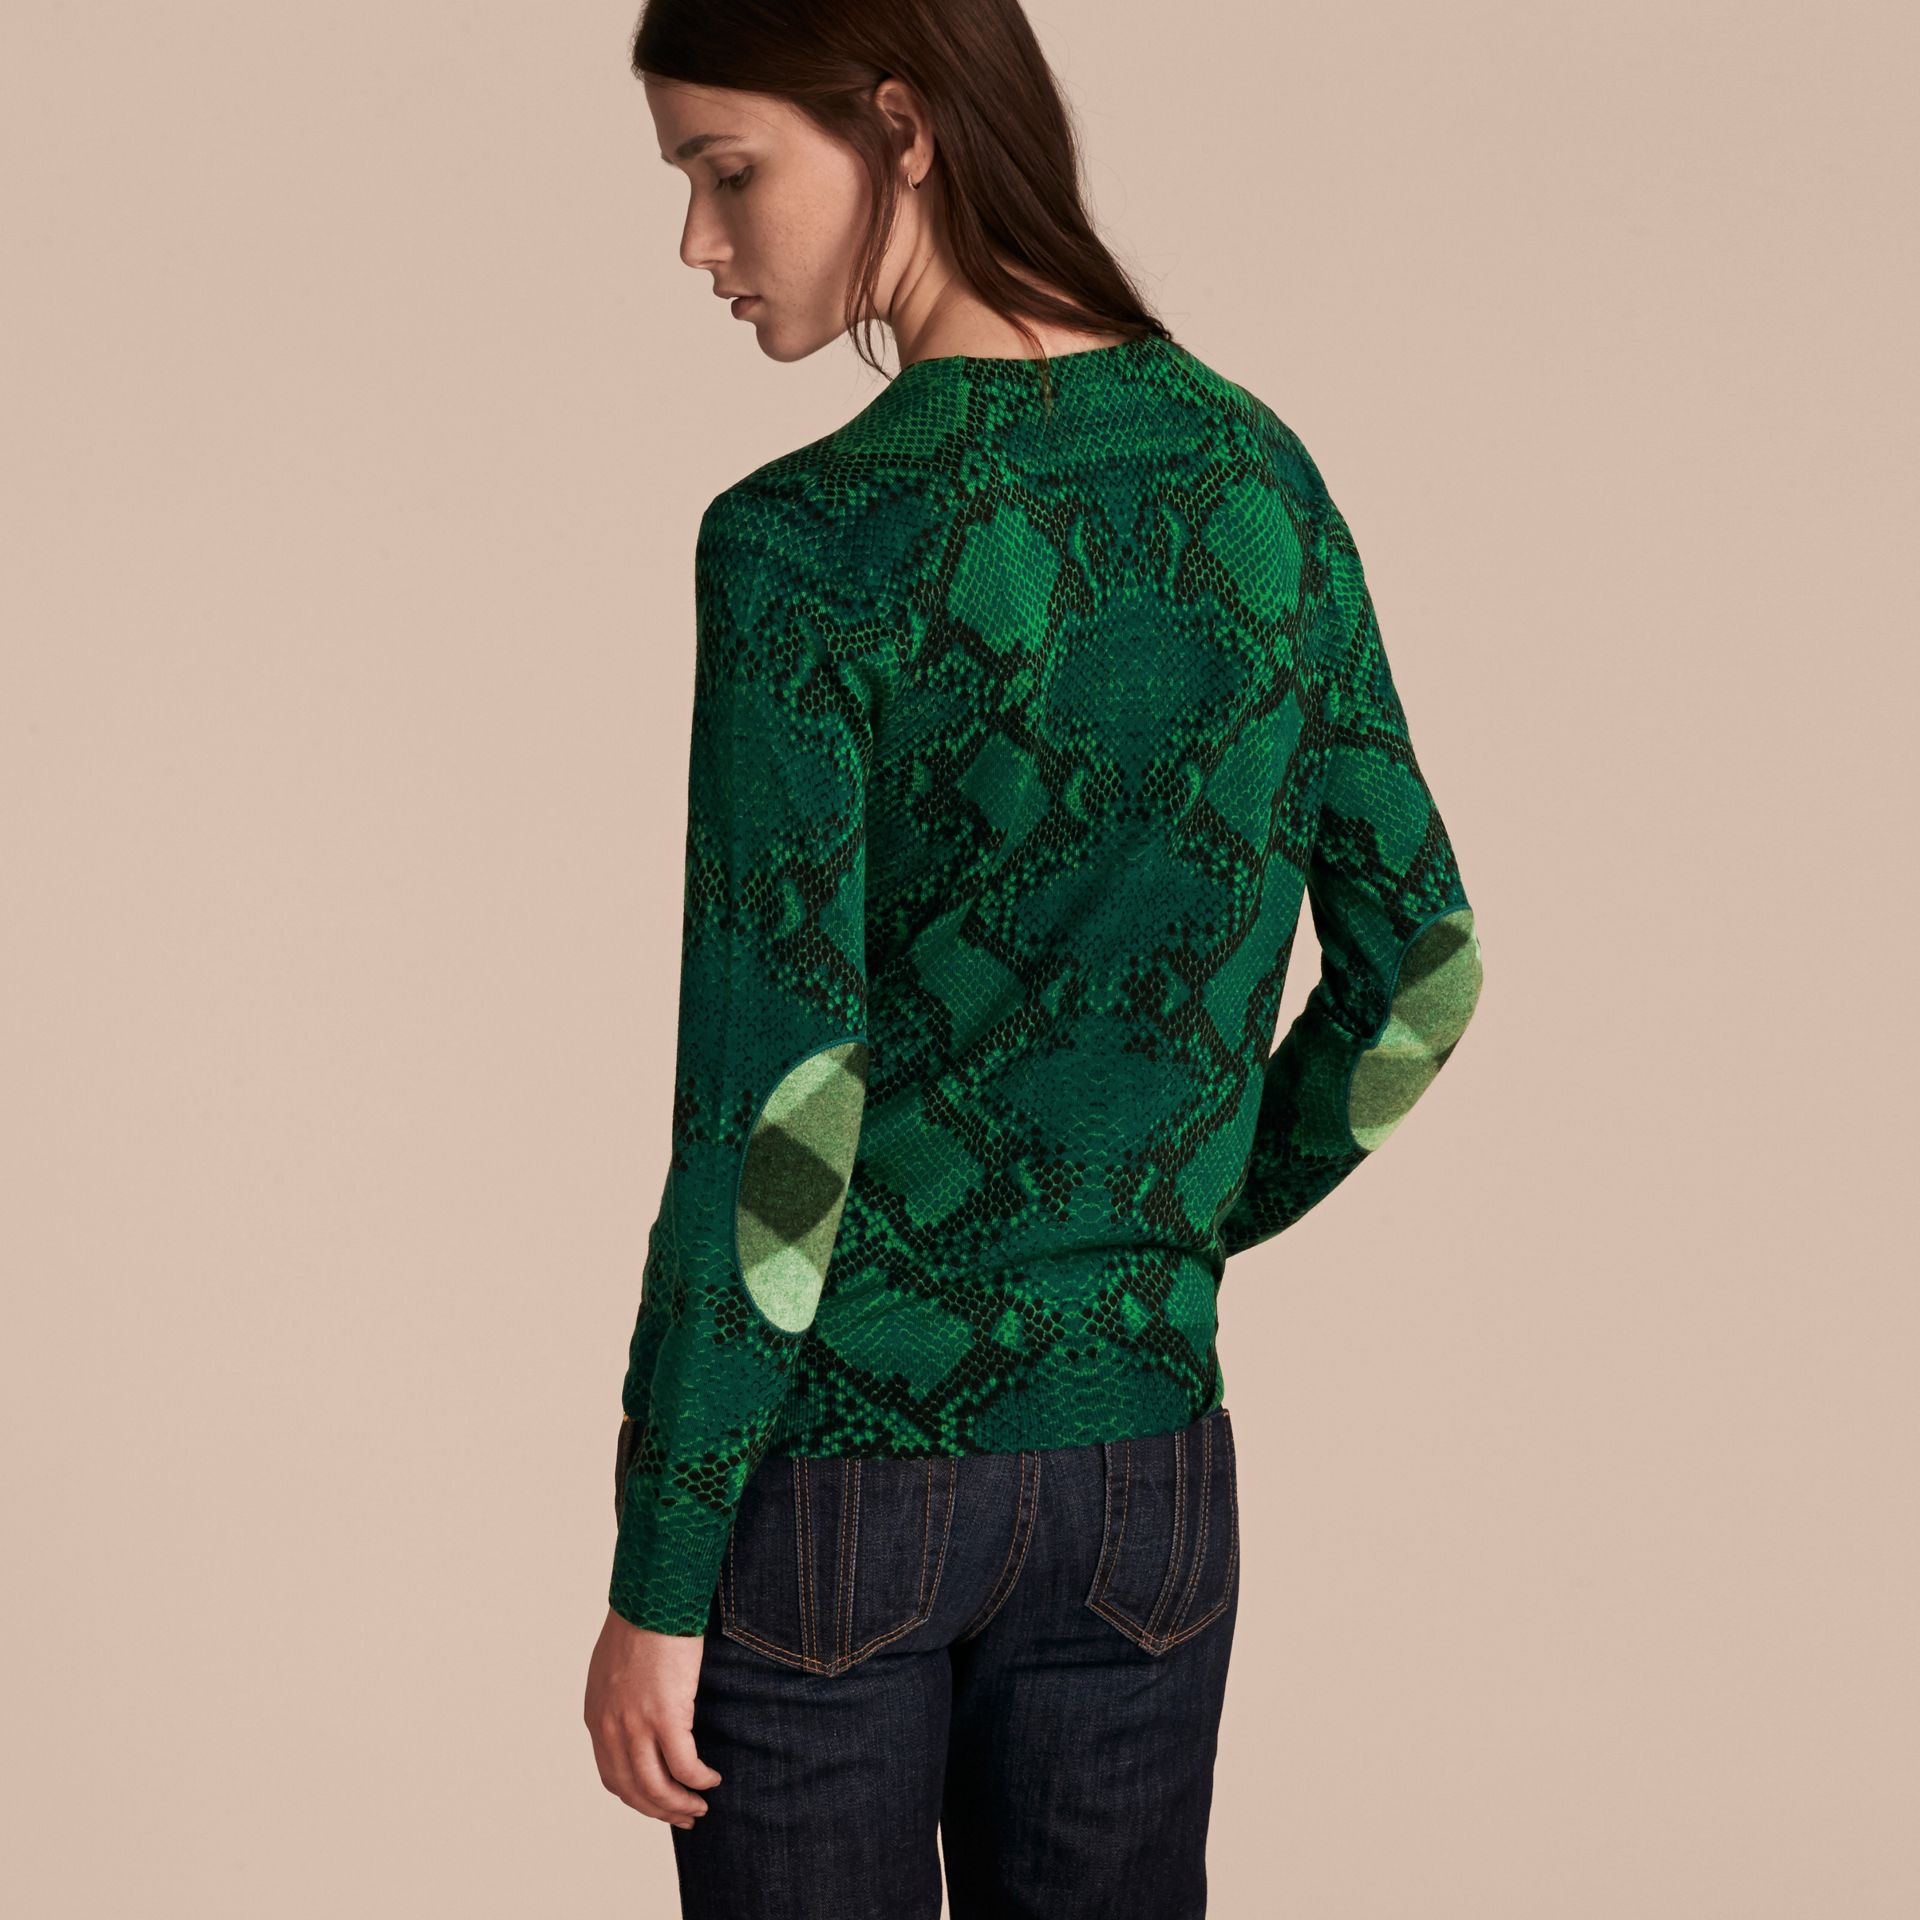 顏料綠 格紋裝飾蟒紋美麗諾羊毛套頭衫 顏料綠 - 圖庫照片 3